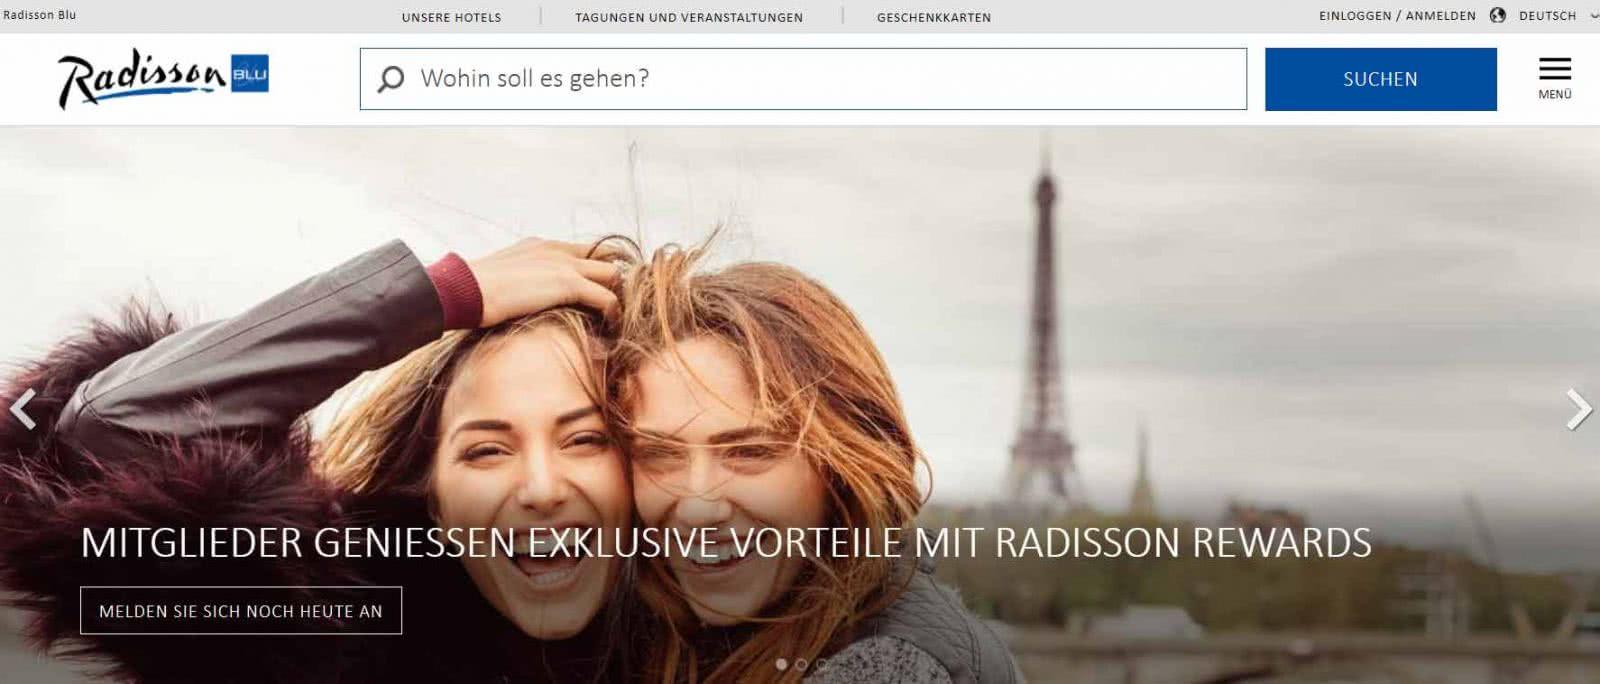 Radisson Blu Homepage Angebote